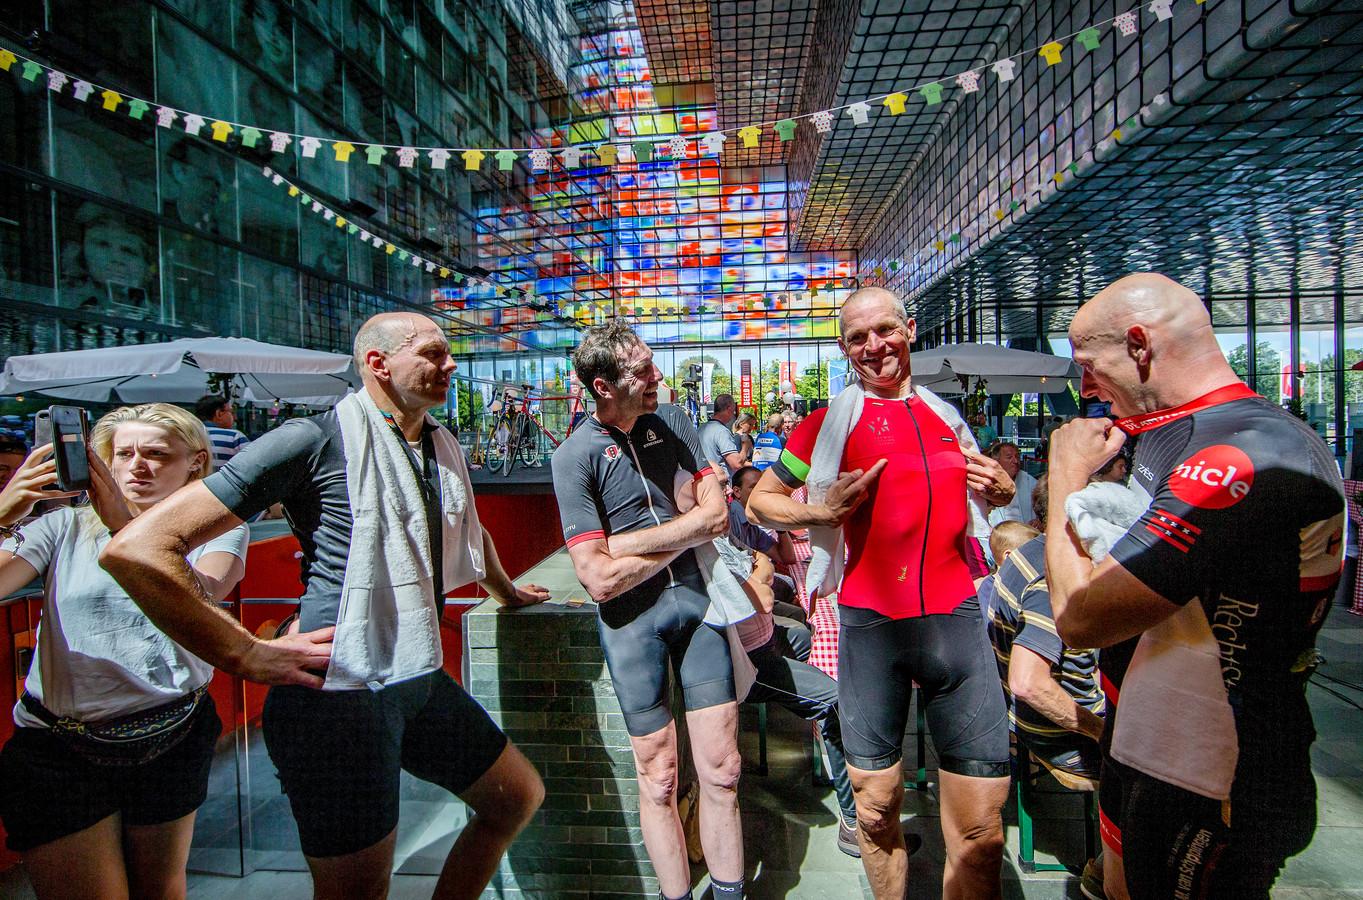 Publiek bij Radio Tour de France op het mediapark in het gebouw van Beeld en Geluid.